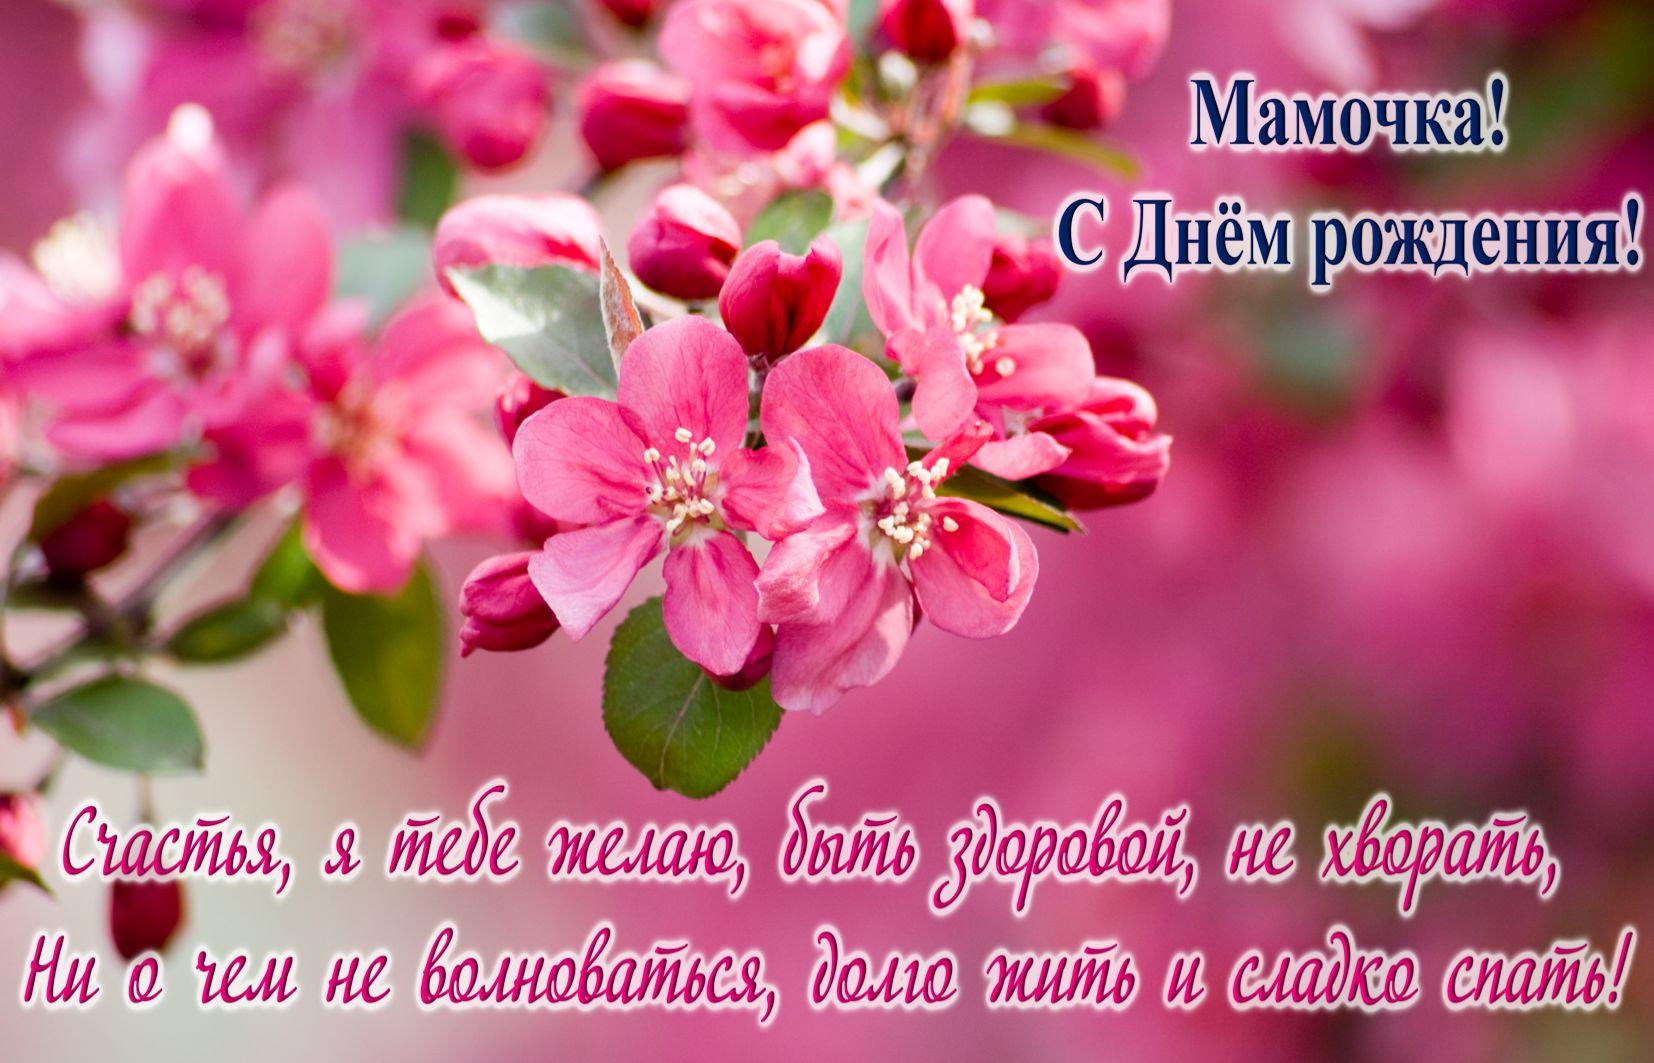 Поздравления с днем рождения Анне в стихах 66